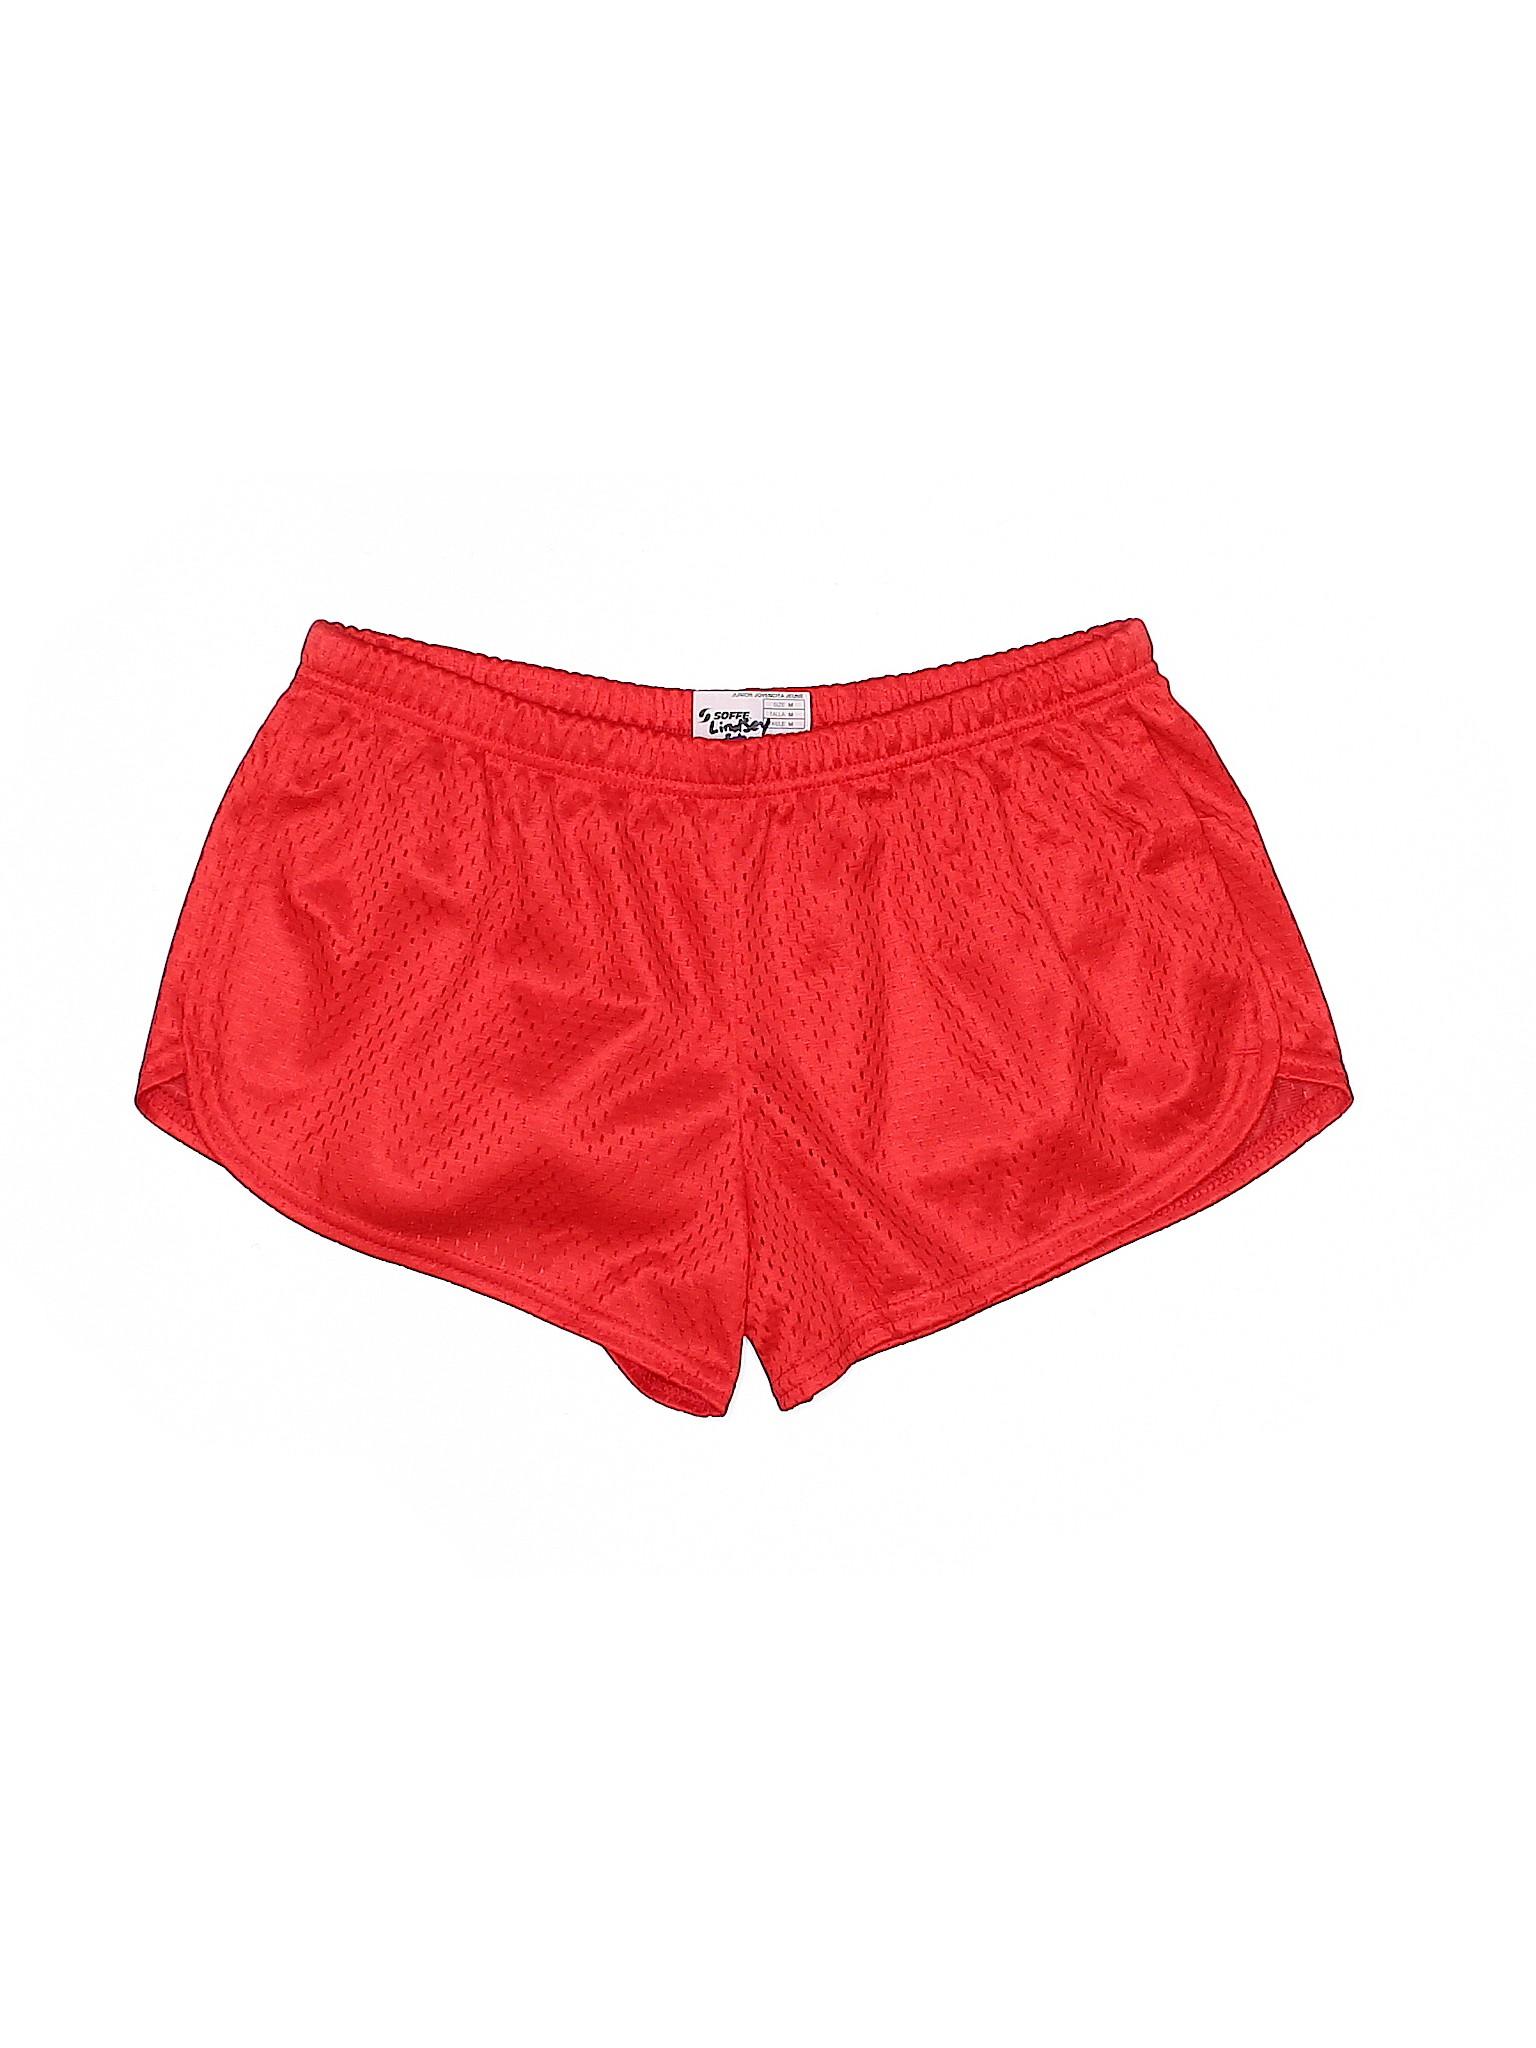 Athletic SOFFE Boutique Shorts Boutique SOFFE Athletic Boutique Shorts aC6gq